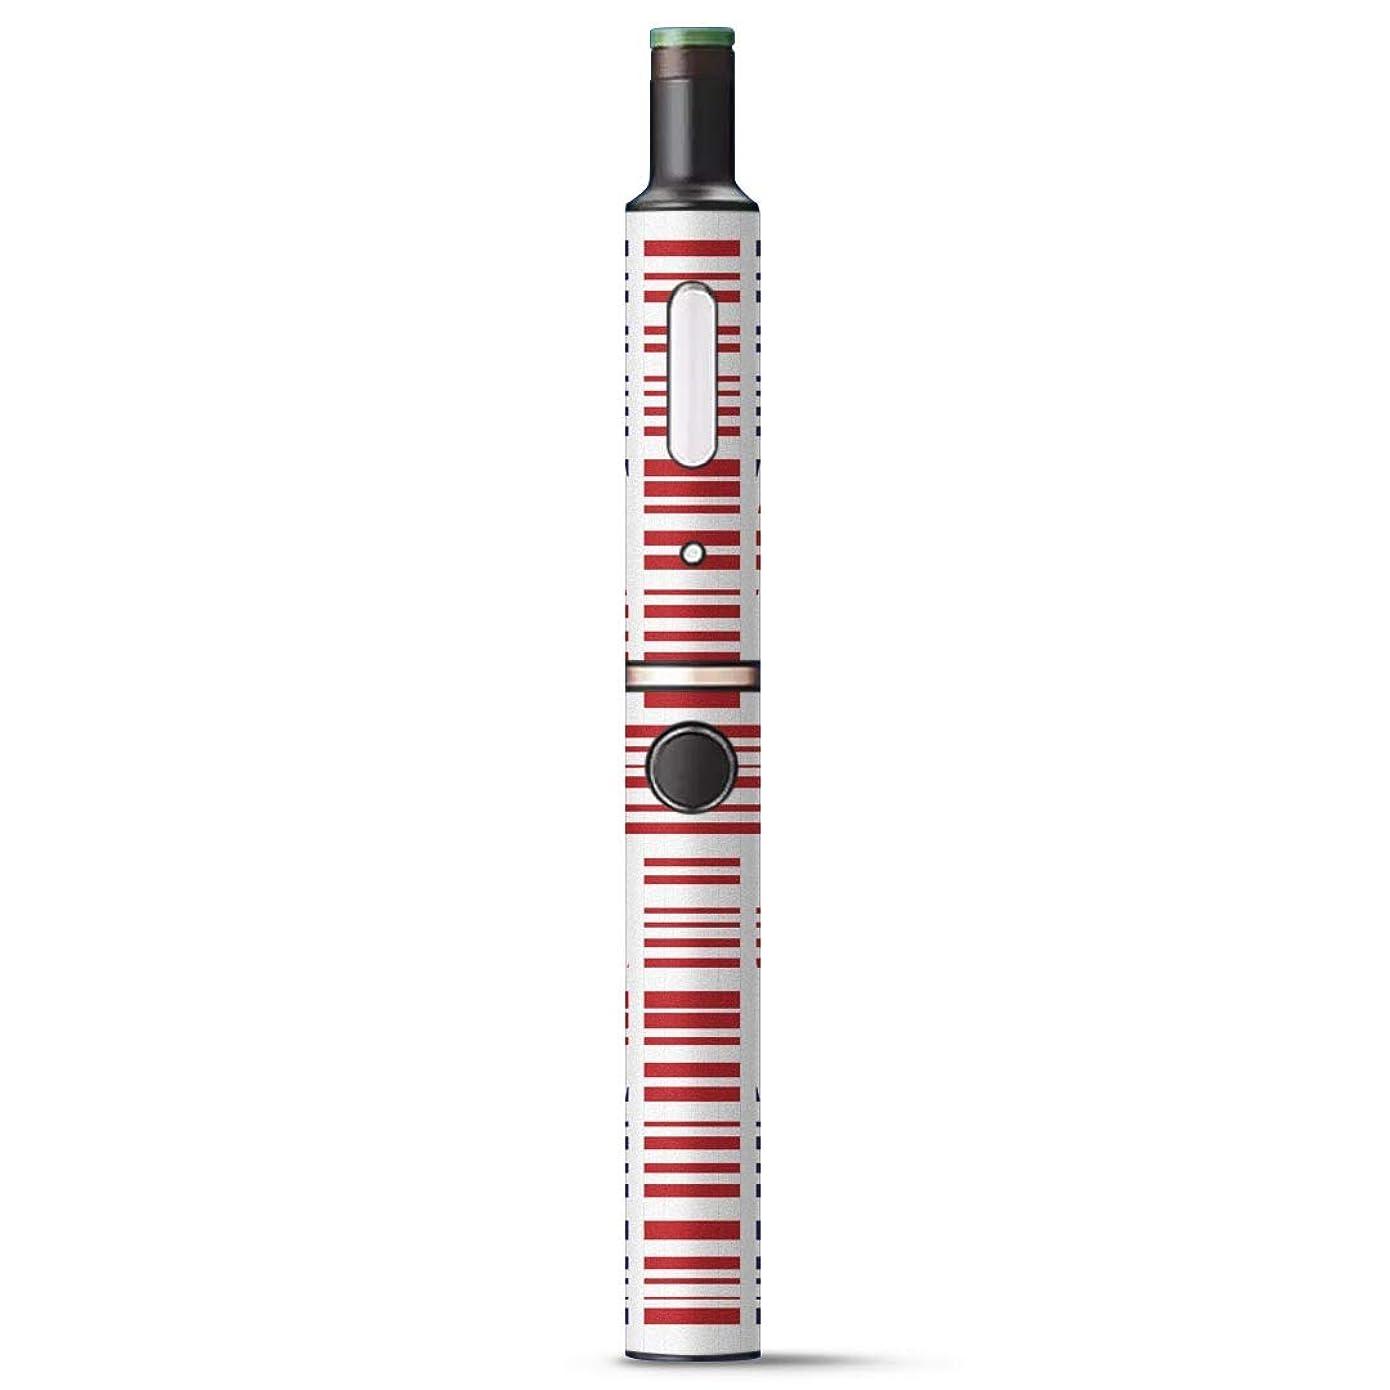 朝ごはんマスタードはげigsticker Ploom TECH + Plus プラス 専用 デザインスキンシール プルームテック カバー ケース 保護 フィルム ステッカー 009358 国旗 赤 青 外国